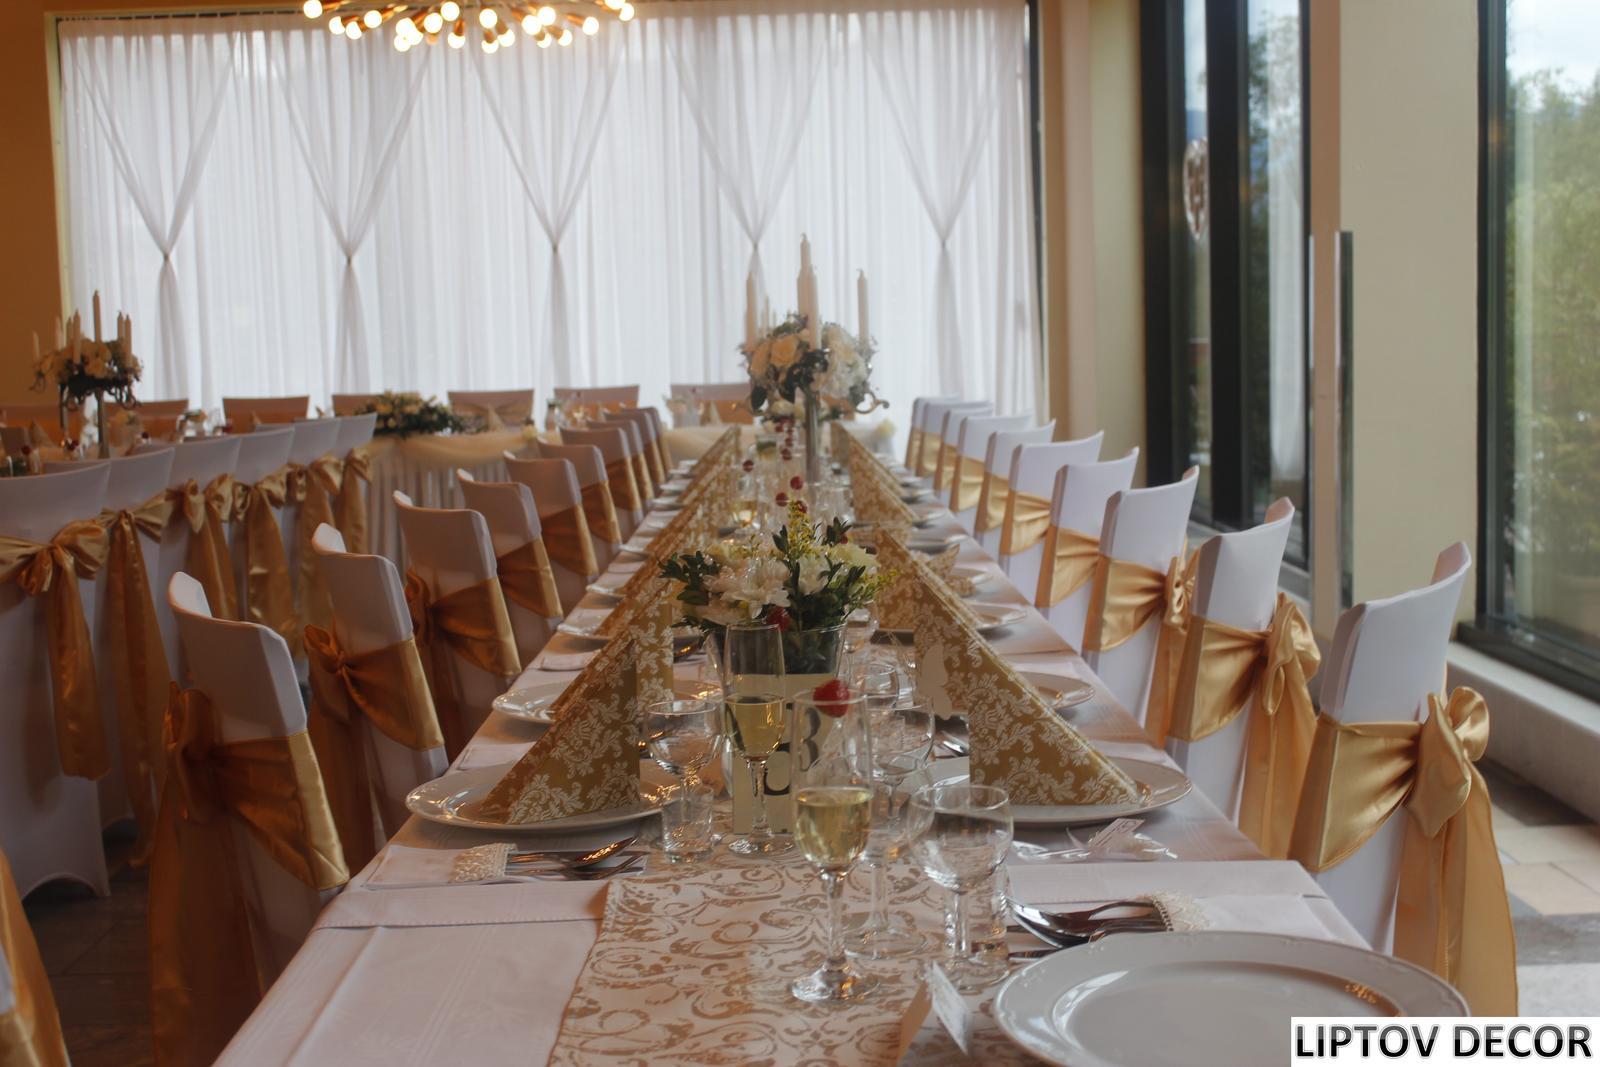 Svadobná výzdoba - HOTEL HRABOVO RUŽOMBEROK - Obrázok č. 7